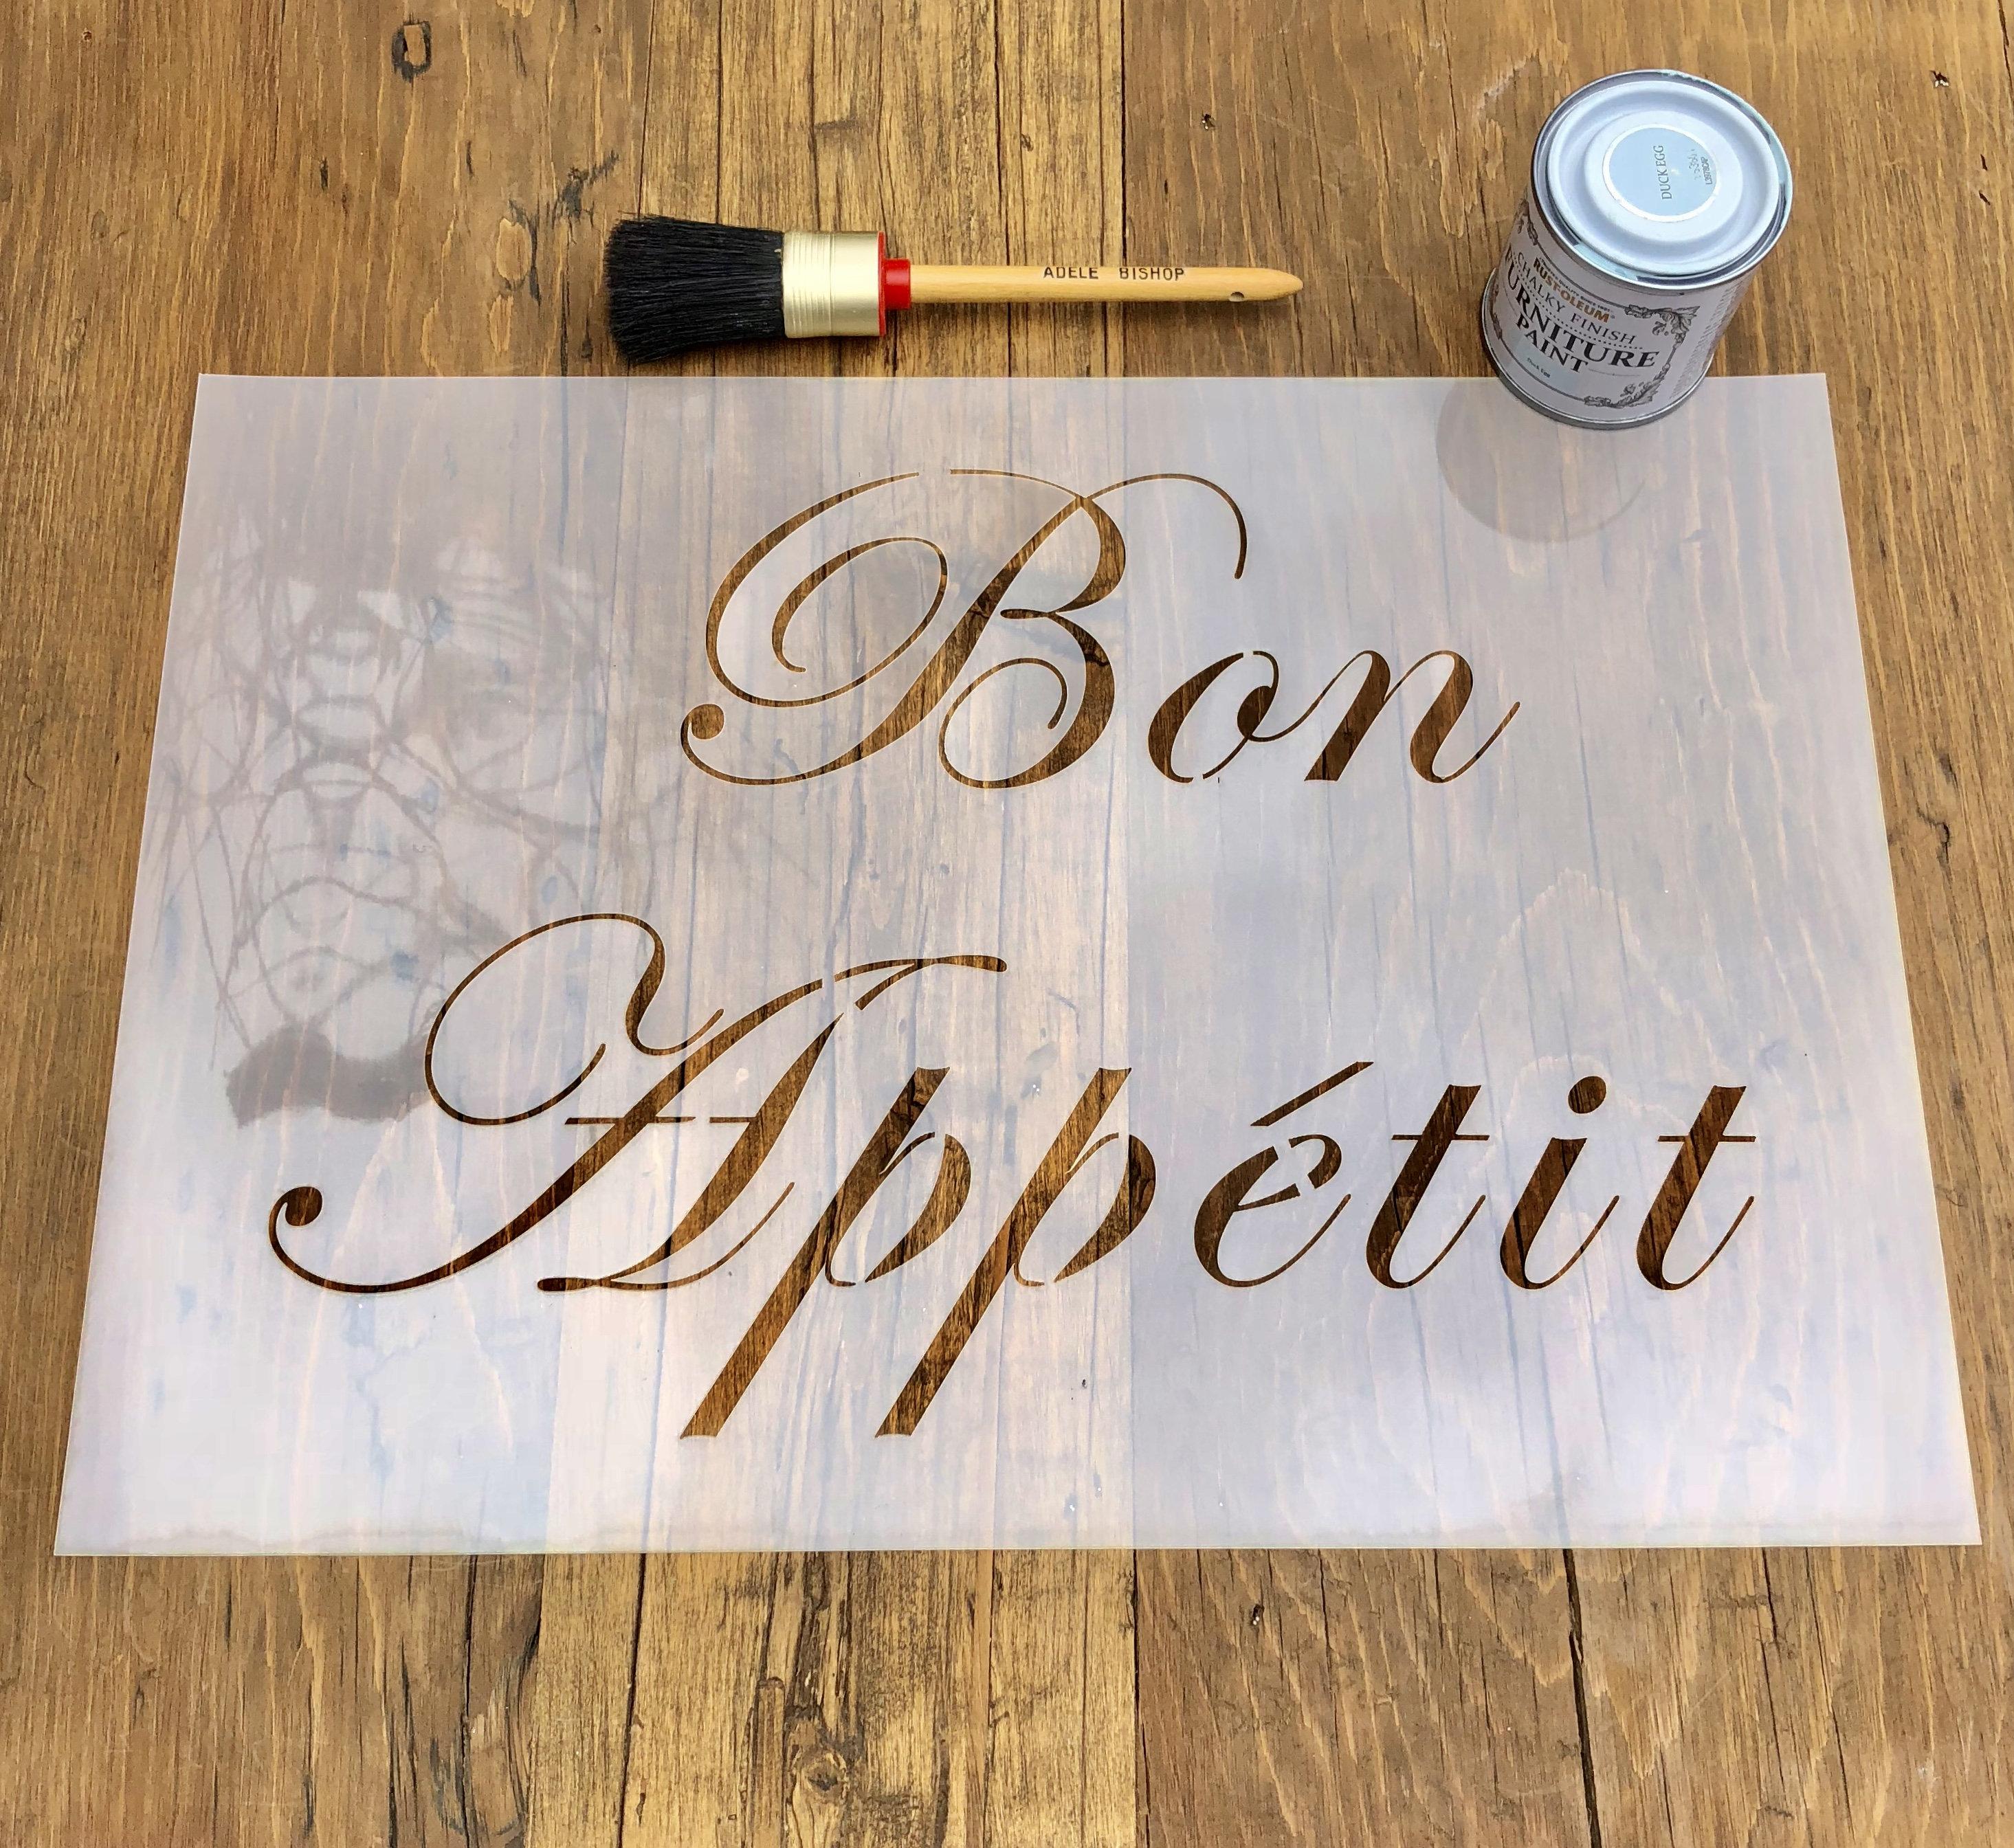 bon appetit französisch schablone für wände möbel oder | etsy